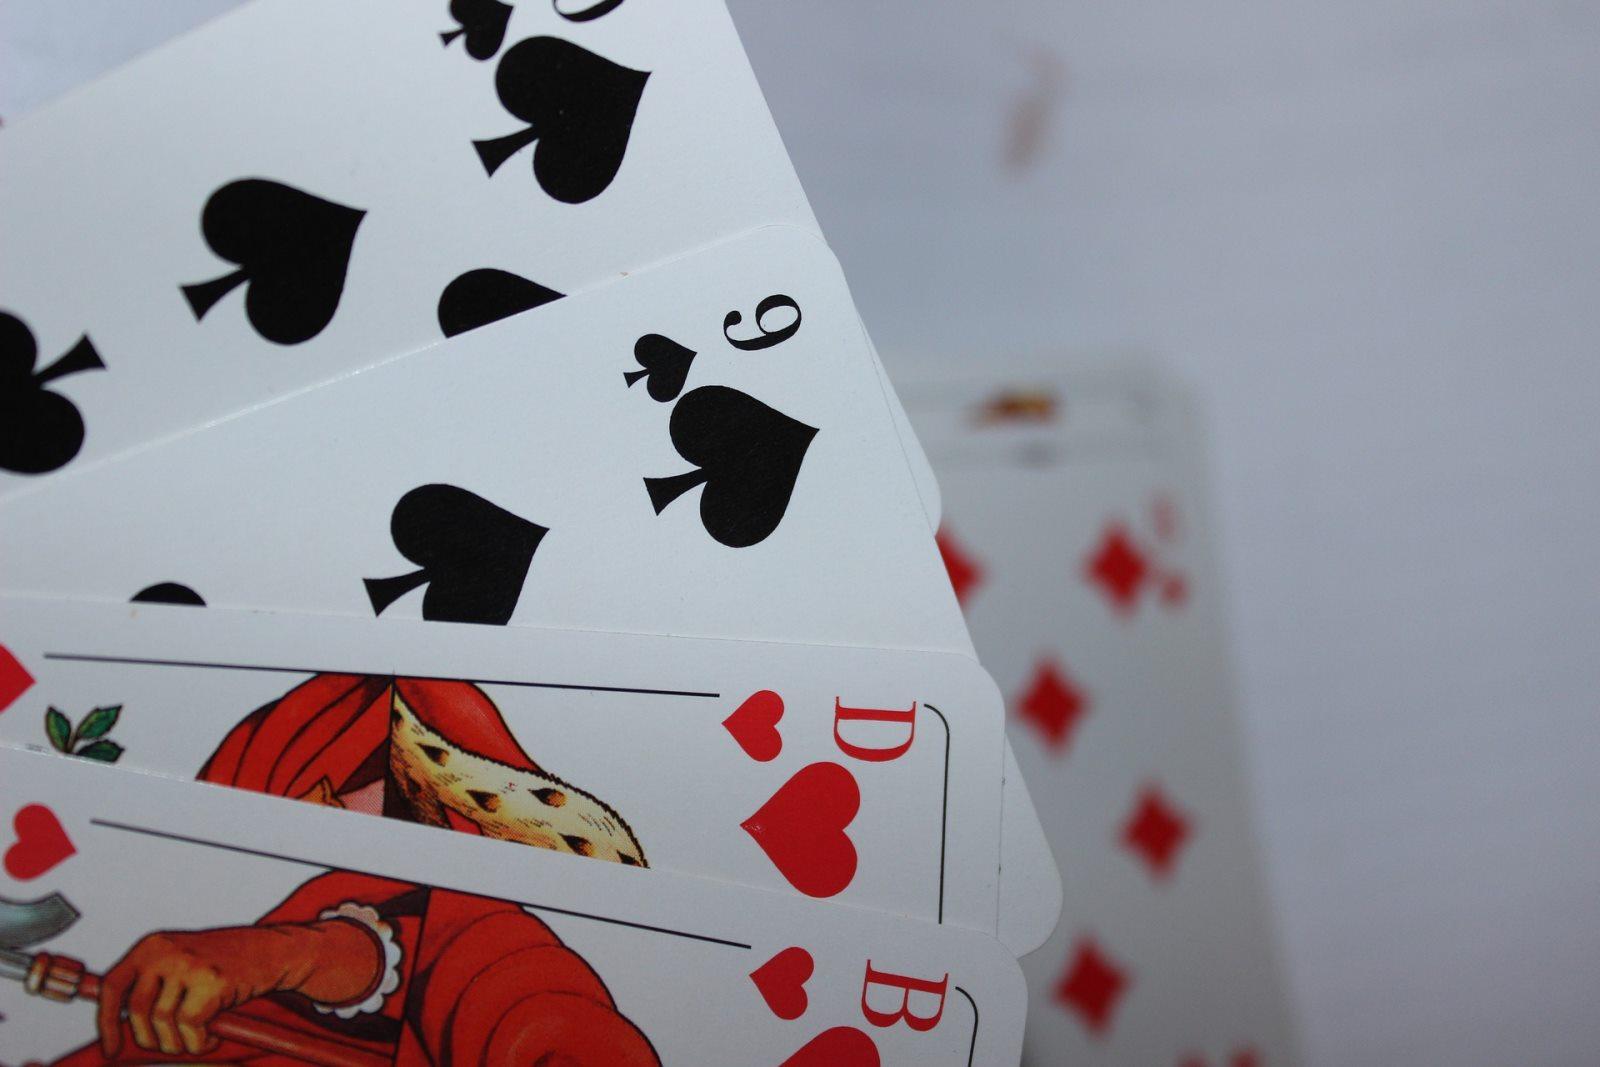 Karten rutschen